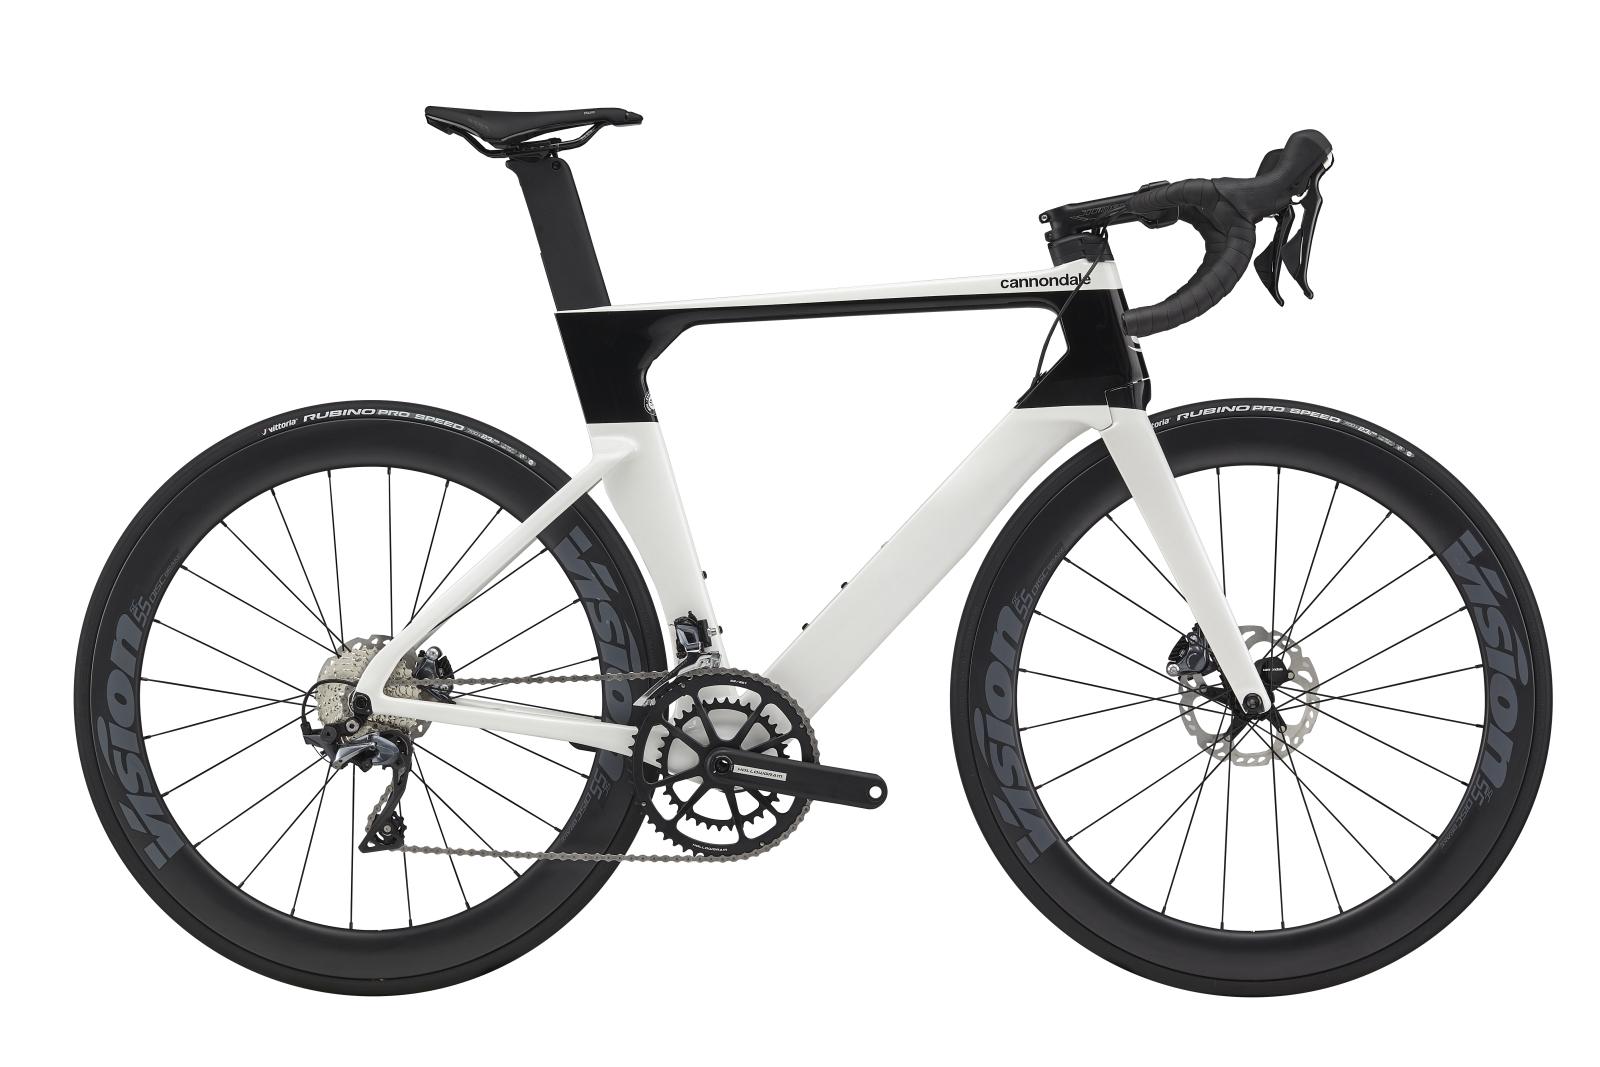 Cannondale System Six Carbon Ultegra országúti kerékpár - fehér - 58 cm (2020)